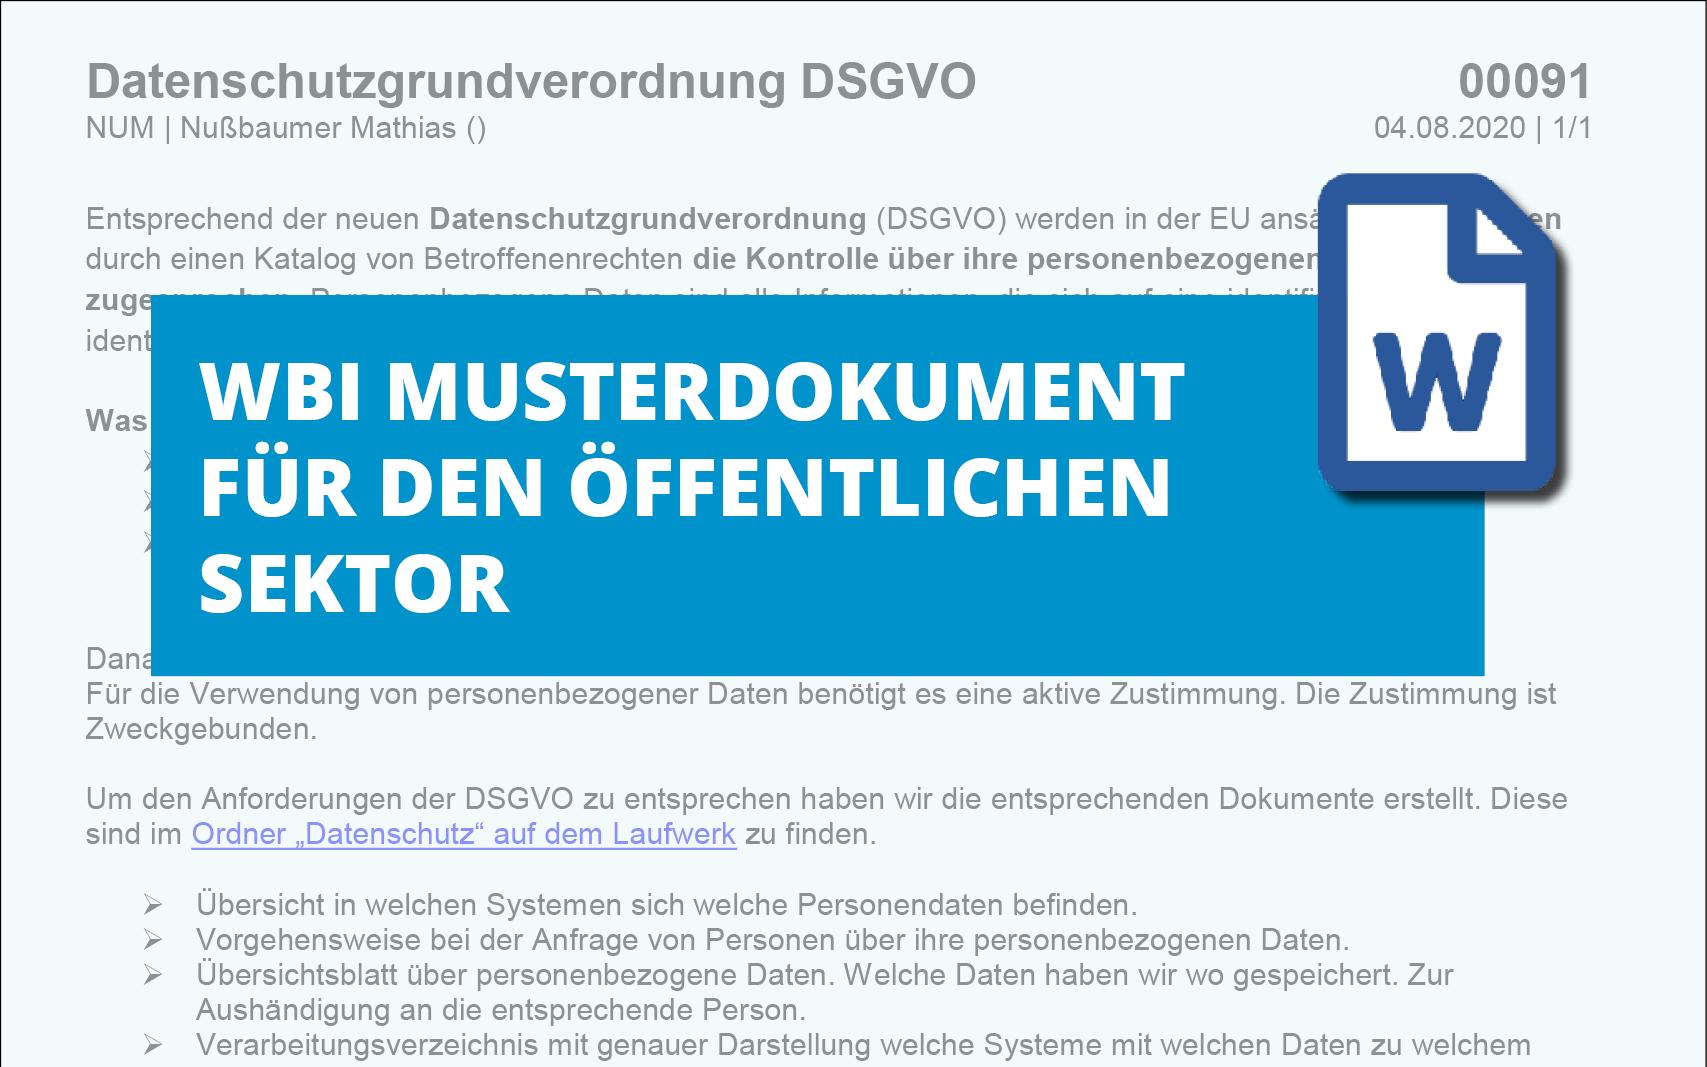 datenschutzgrundverordnung-dsgvo